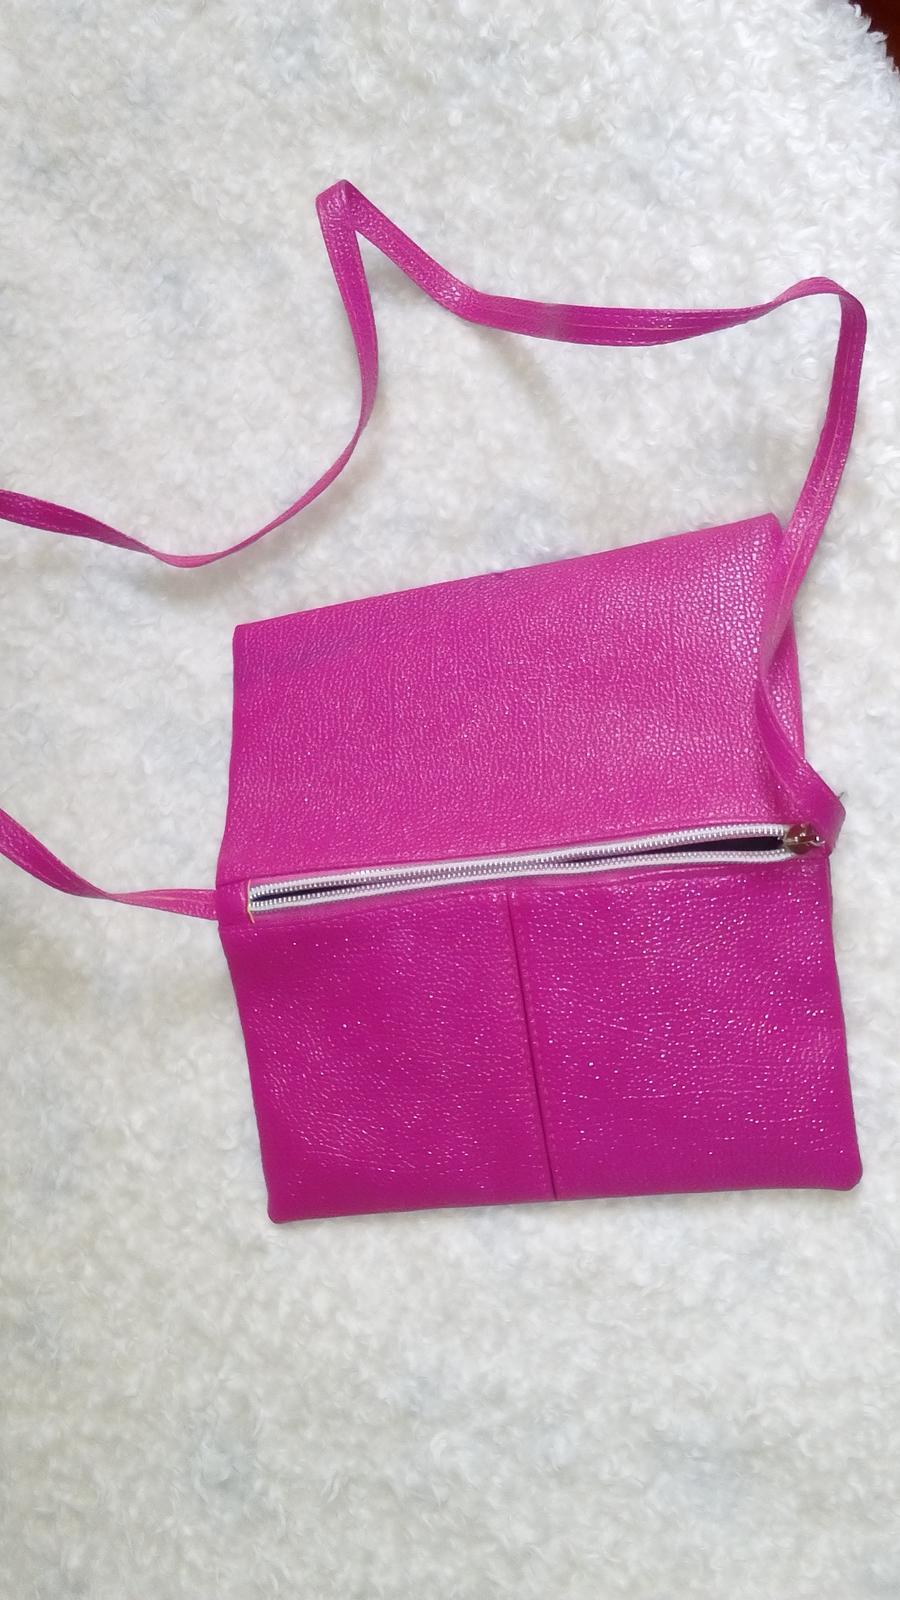 Ružová kabelka nenosená - Obrázok č. 2